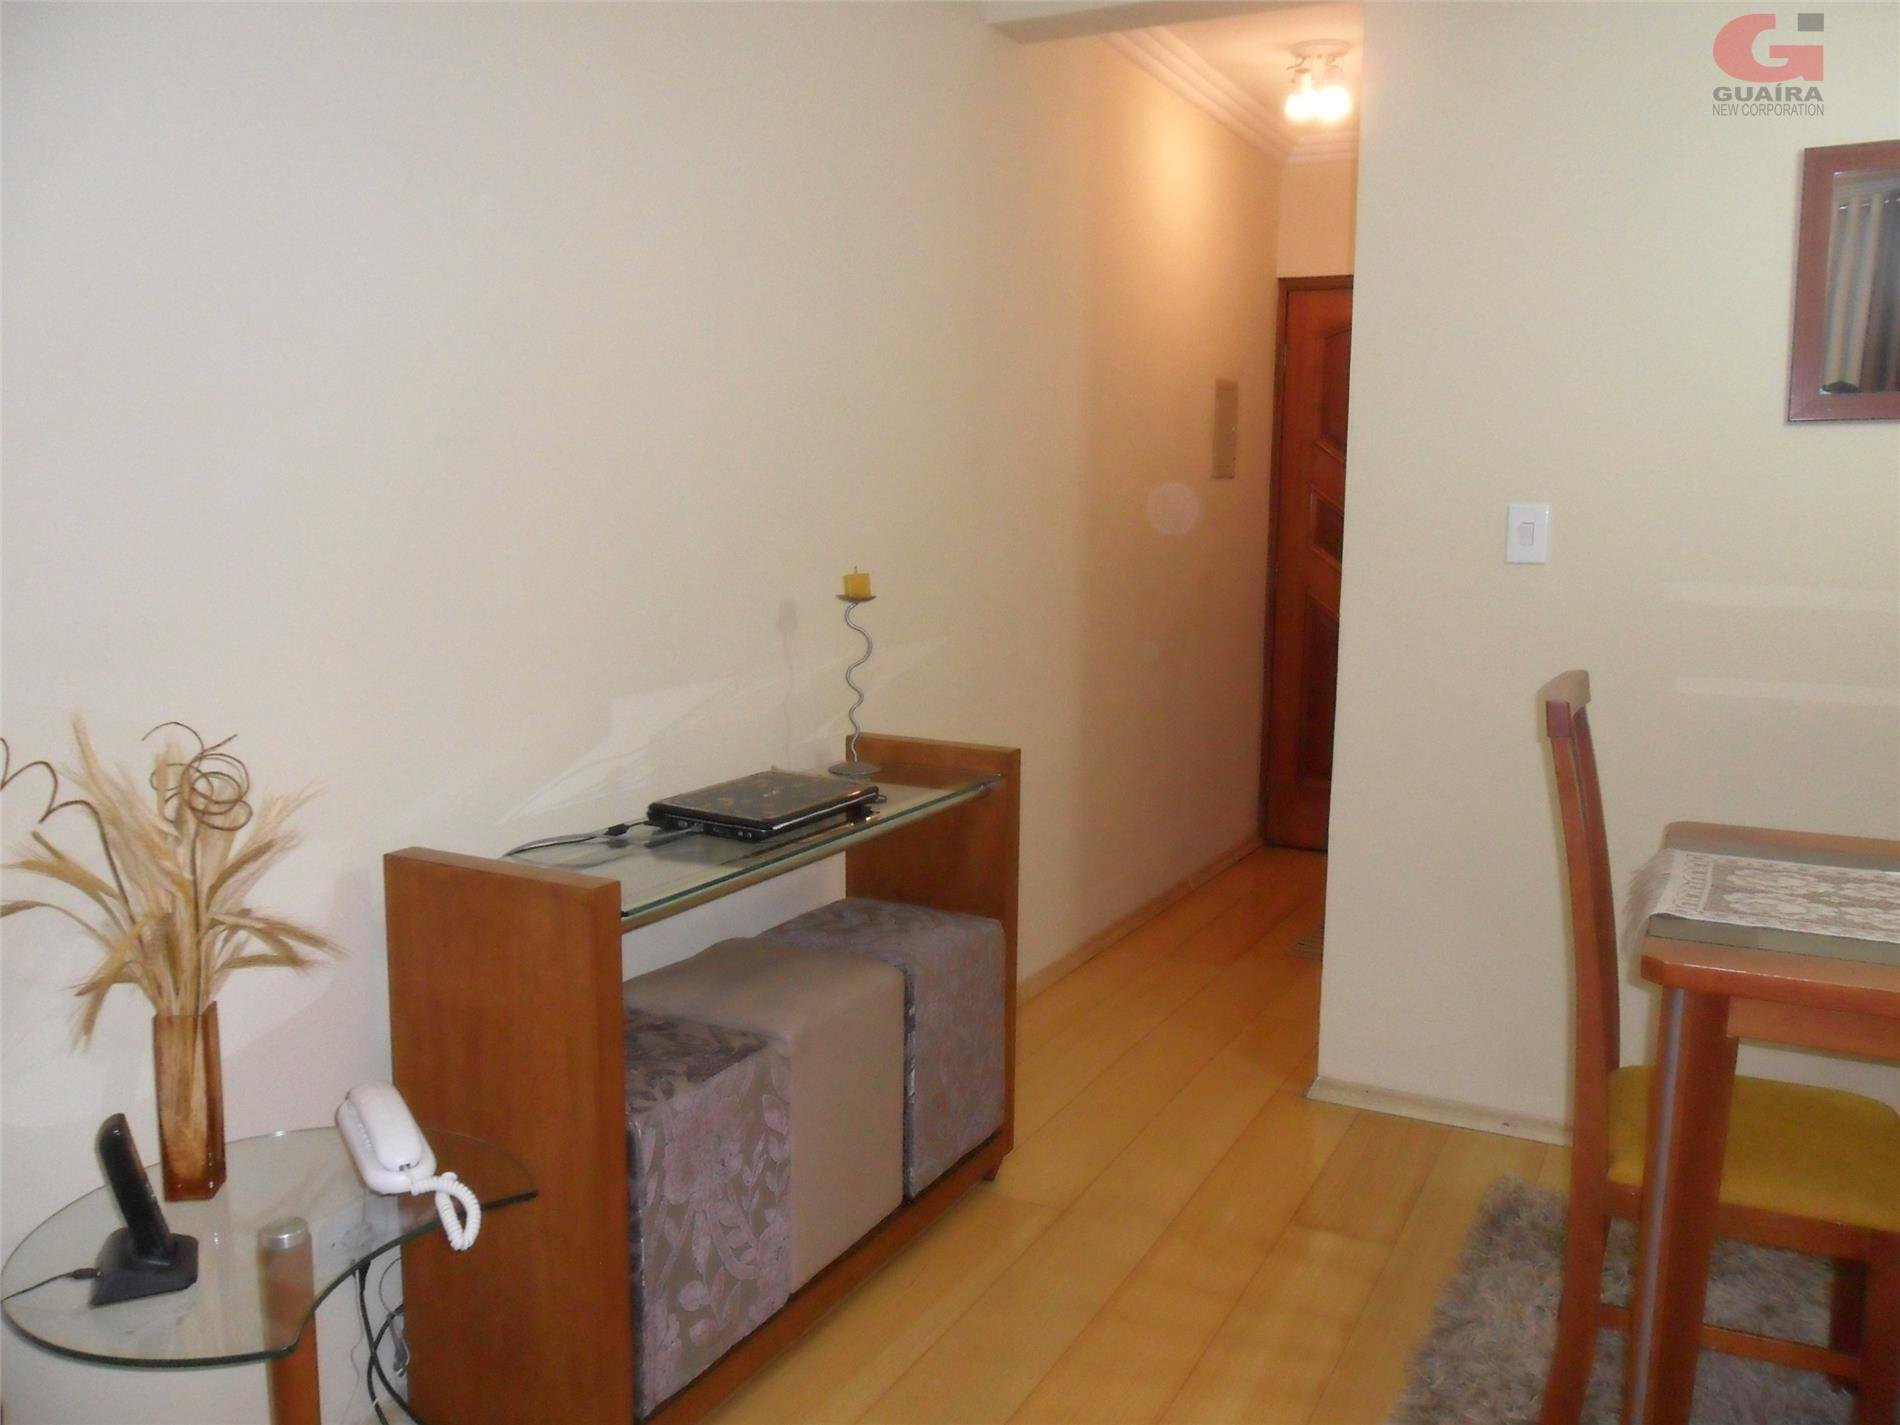 Apartamento de 2 dormitórios à venda em Jardim Do Estádio, Santo André - SP